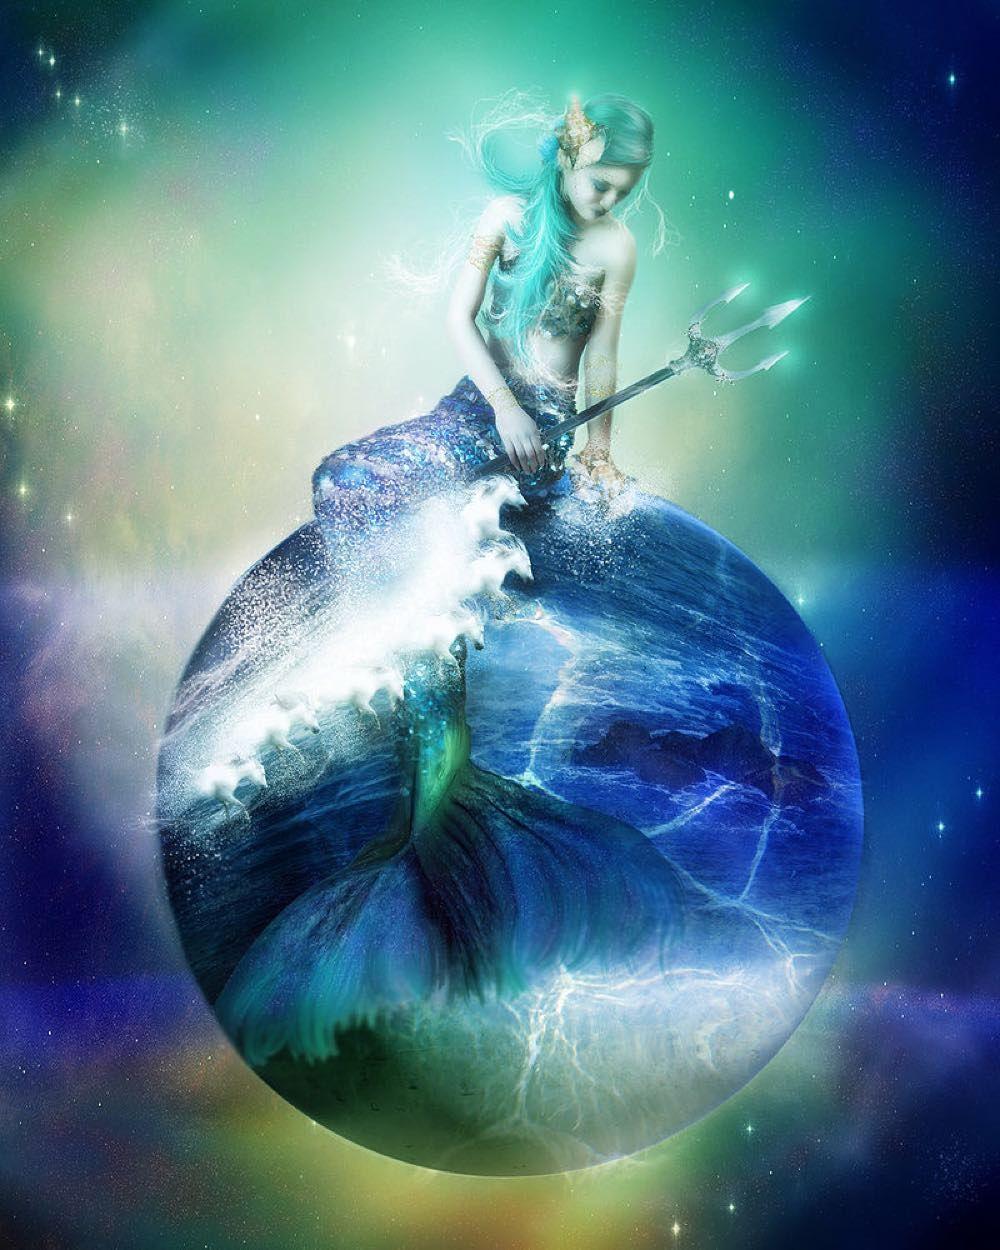 Explora Canto De Sirenas Piscis ¡y mucho más! & provocative-planet-pics-please.tumblr.com THE AMAZING WENDY GUY ... pezcame.com